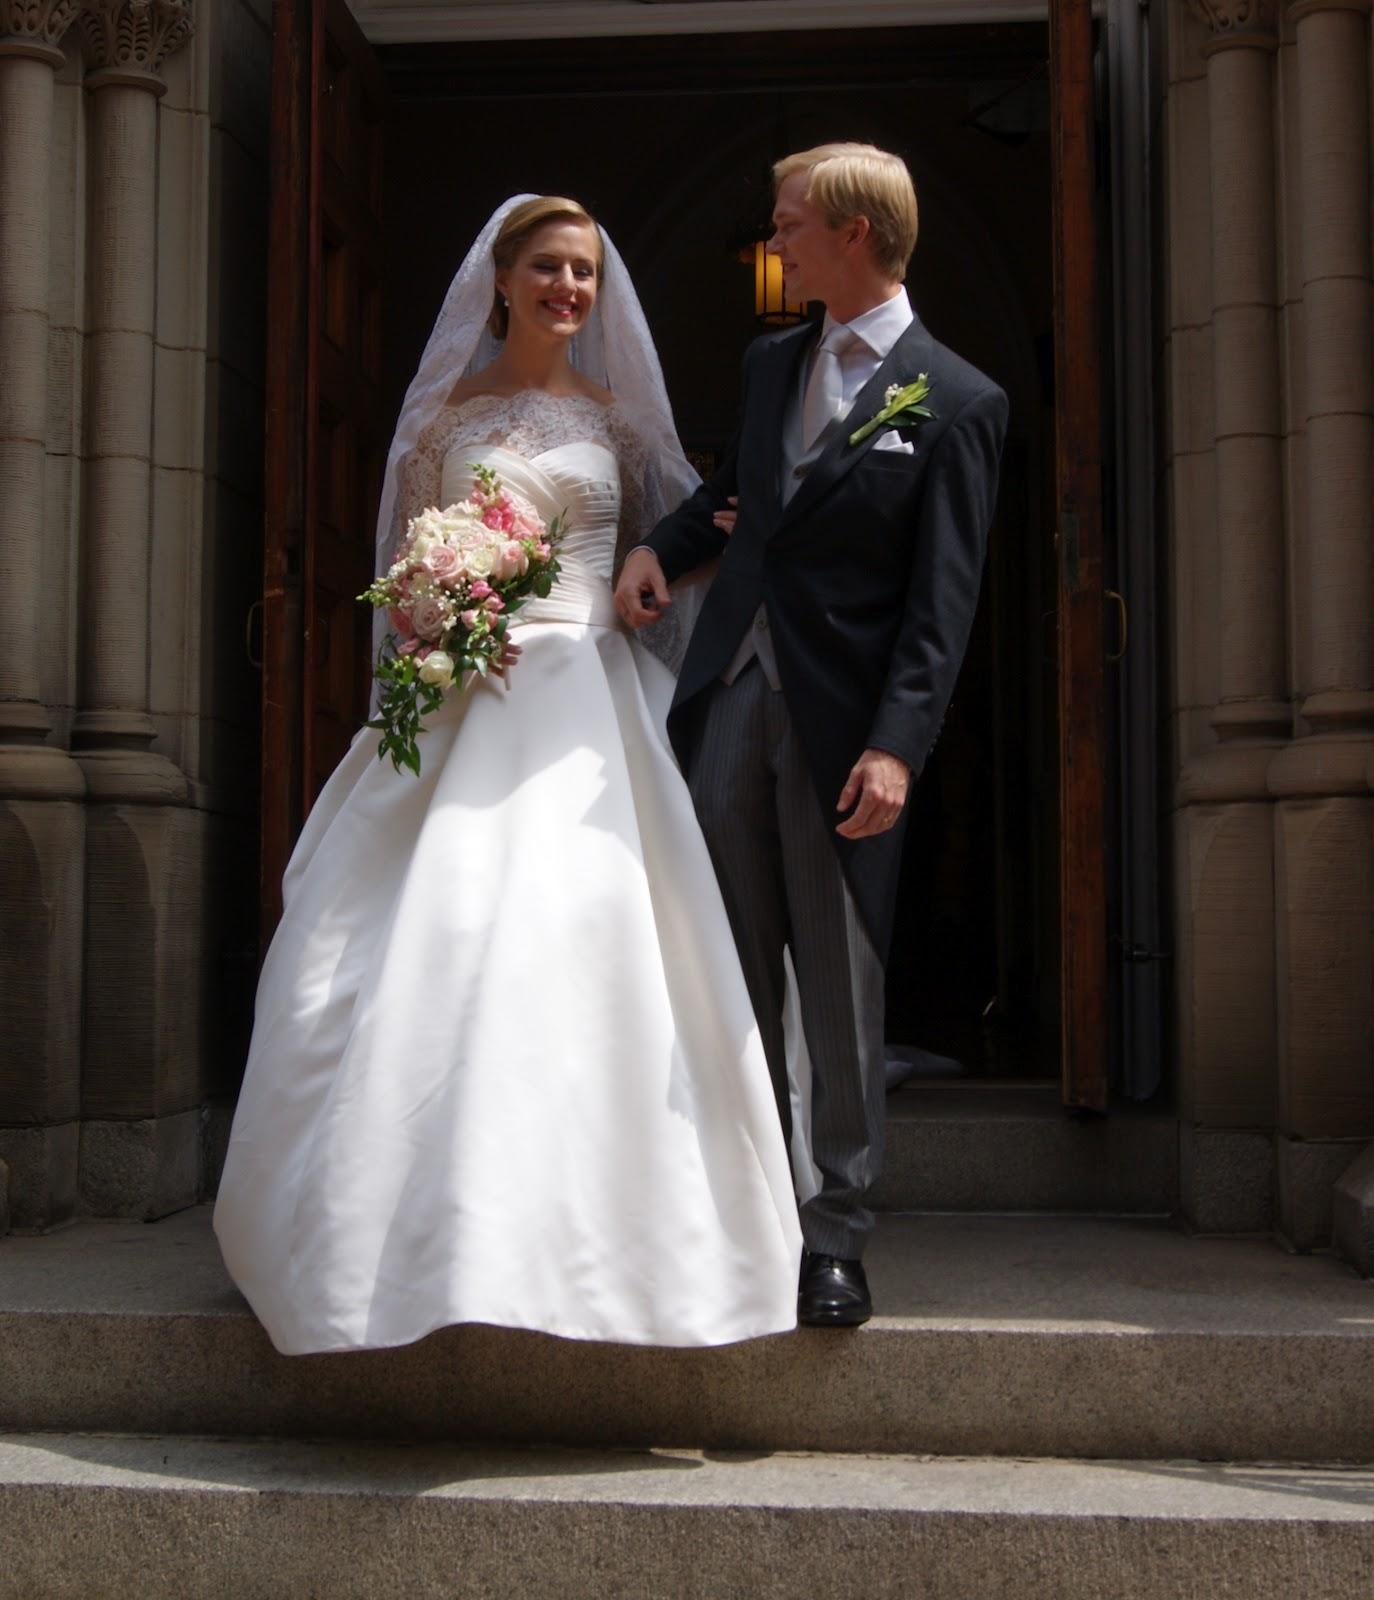 http://3.bp.blogspot.com/-rNgL9O3SddI/UEuzGAES4aI/AAAAAAAAFs4/TIqVAAepSng/s1600/imre%27s+wedding+142.JPG